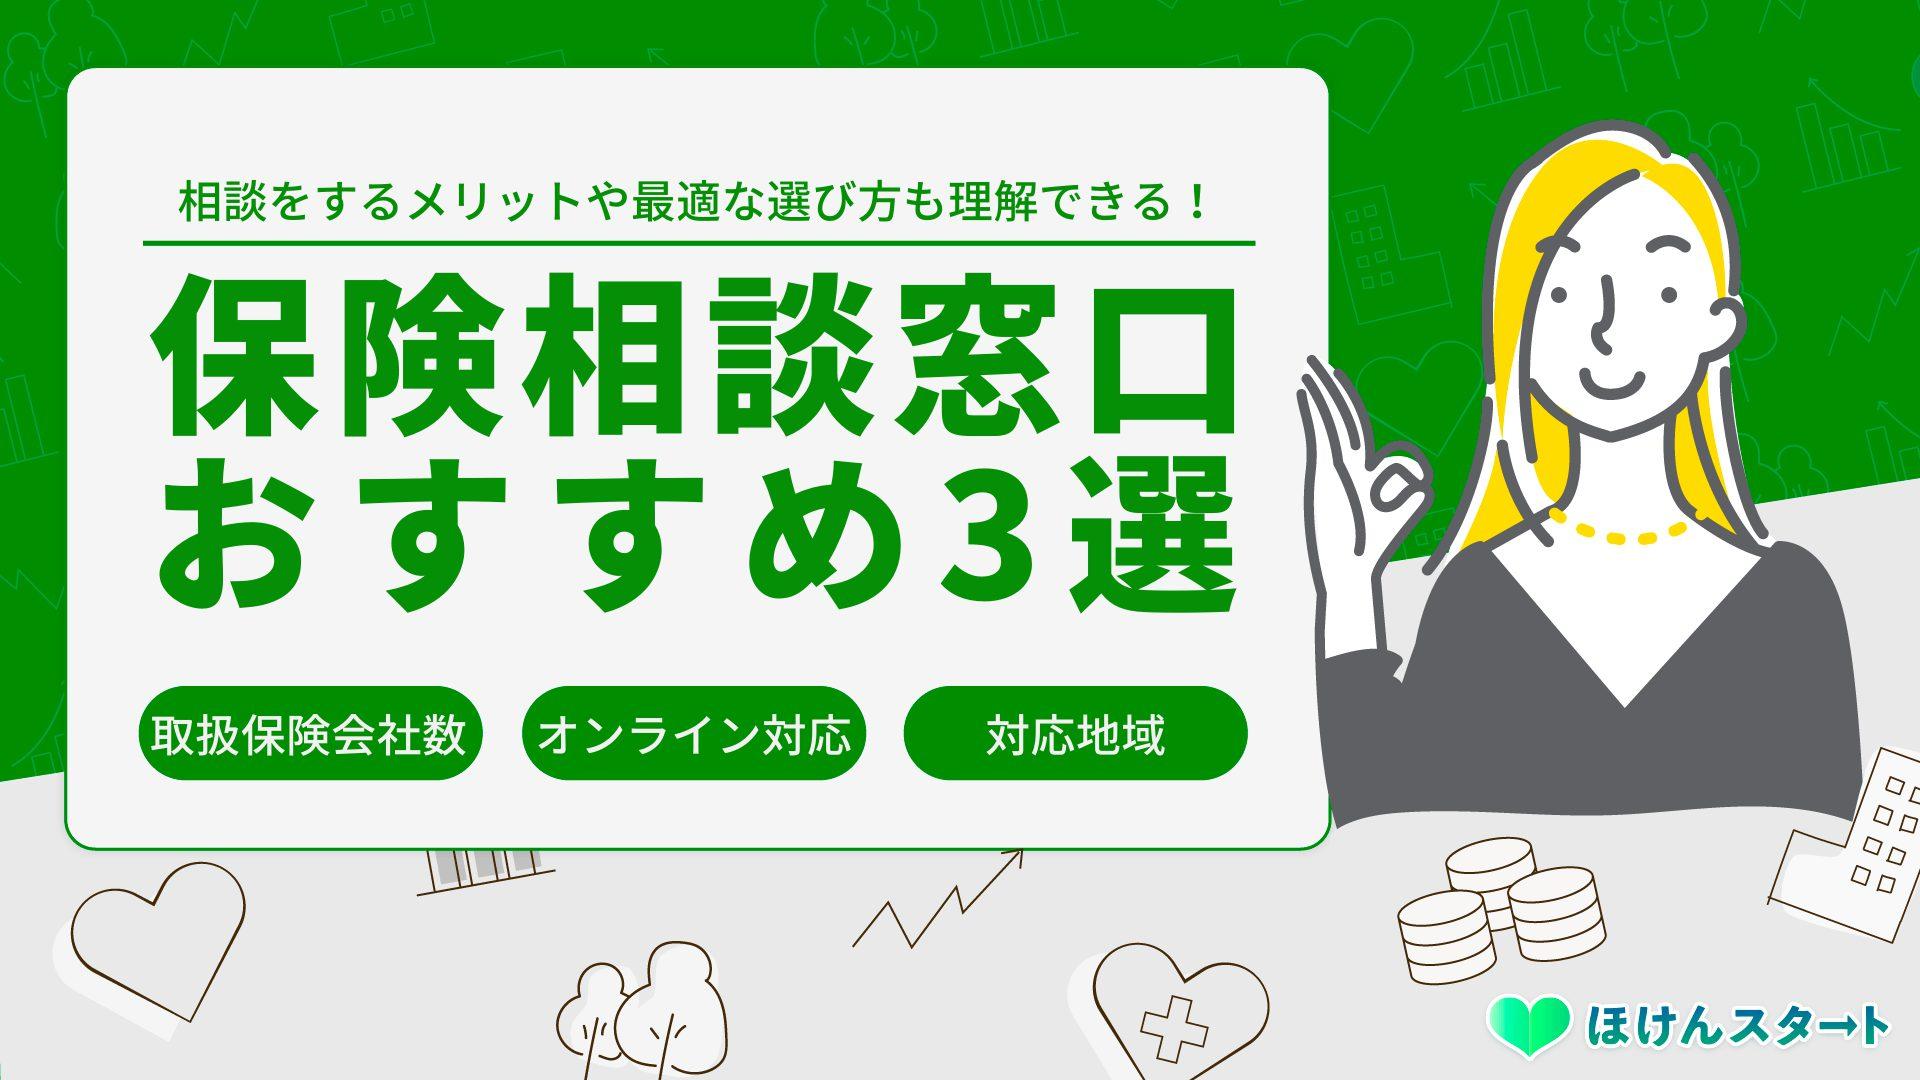 【最新決定版】保険相談おすすめ3選 人気を徹底比較!